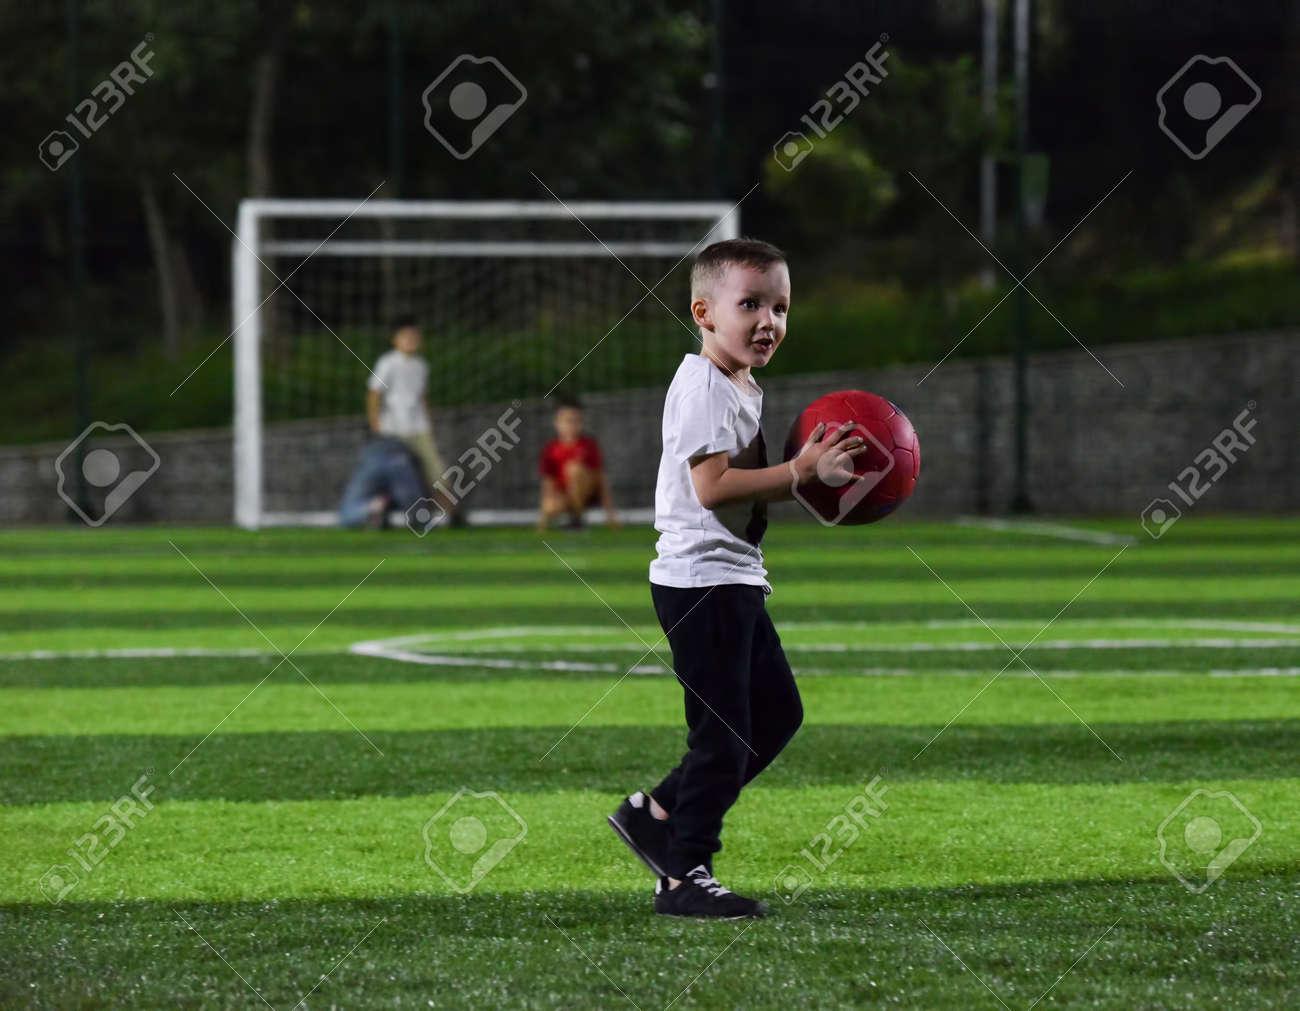 Nino Activo Esta Jugando Con Una Pelota Roja En El Campo De Futbol